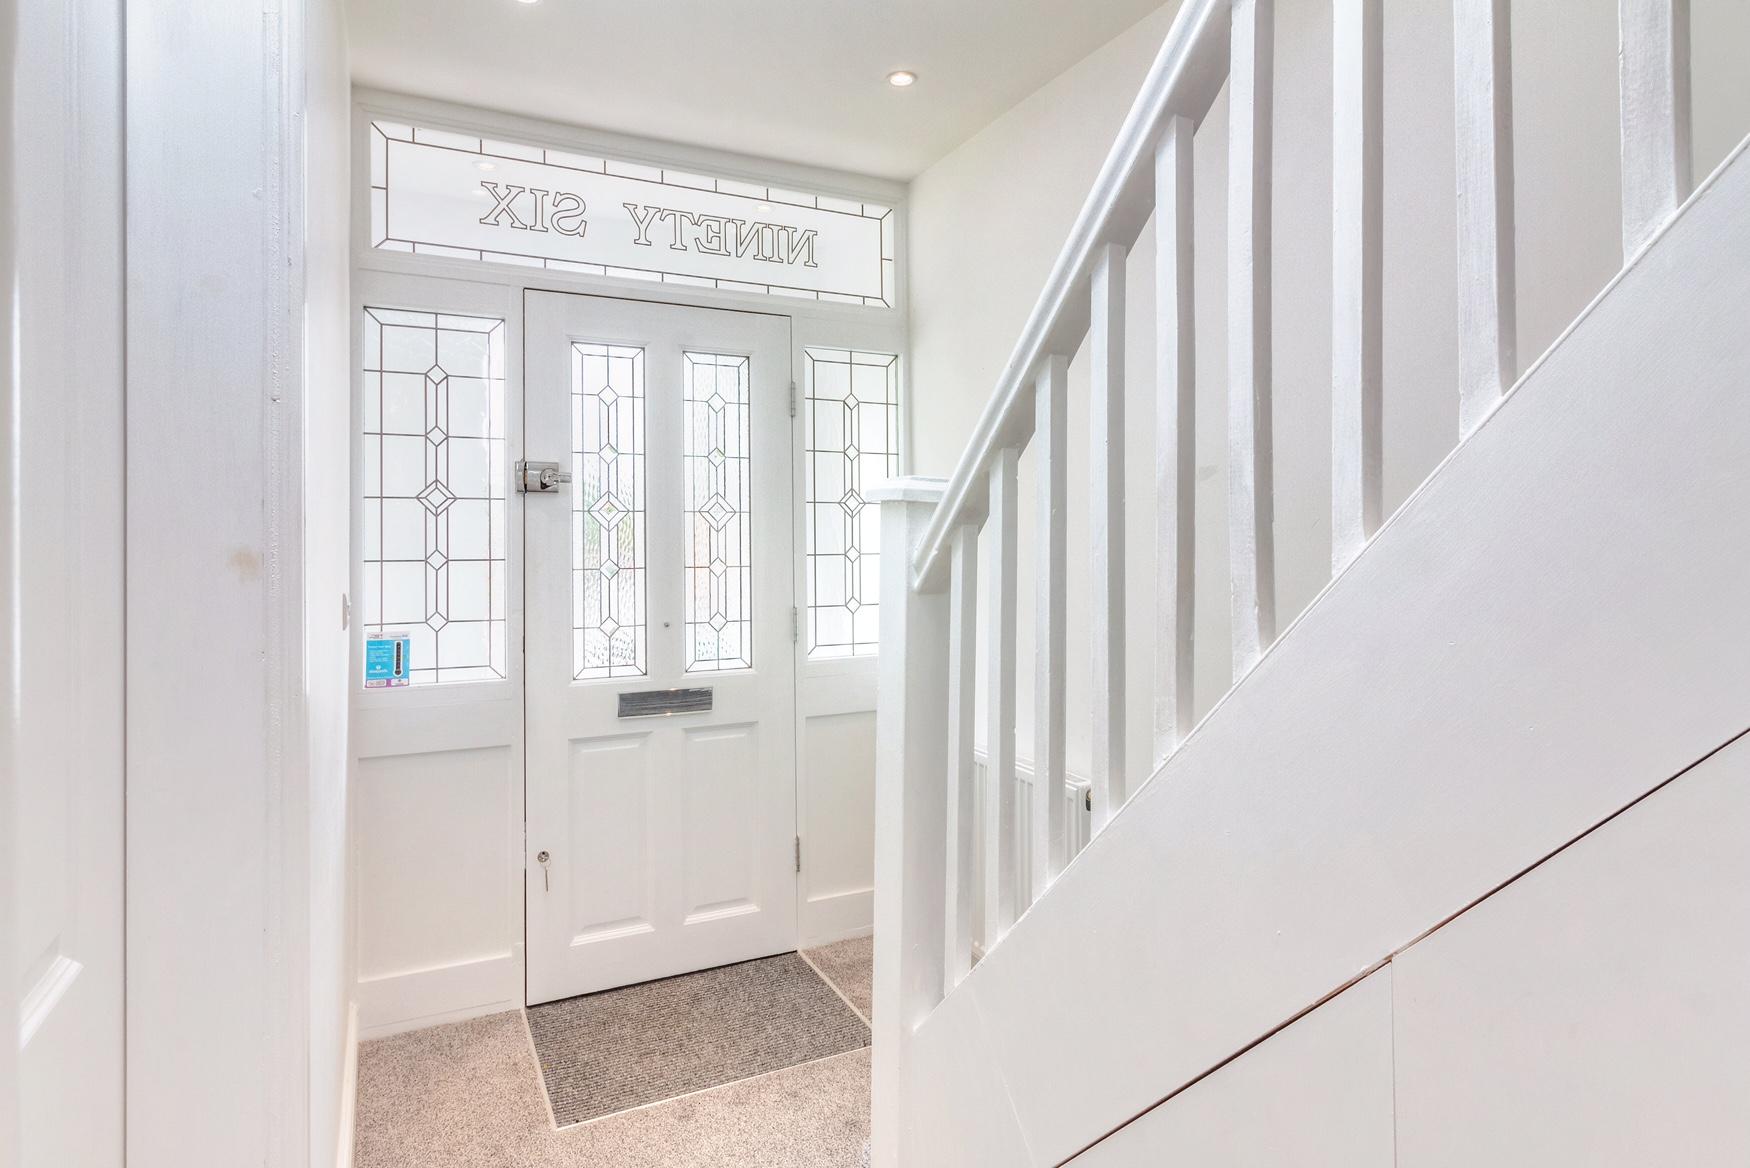 3 bedroom house for sale in rotherham for Door 2 door rotherham